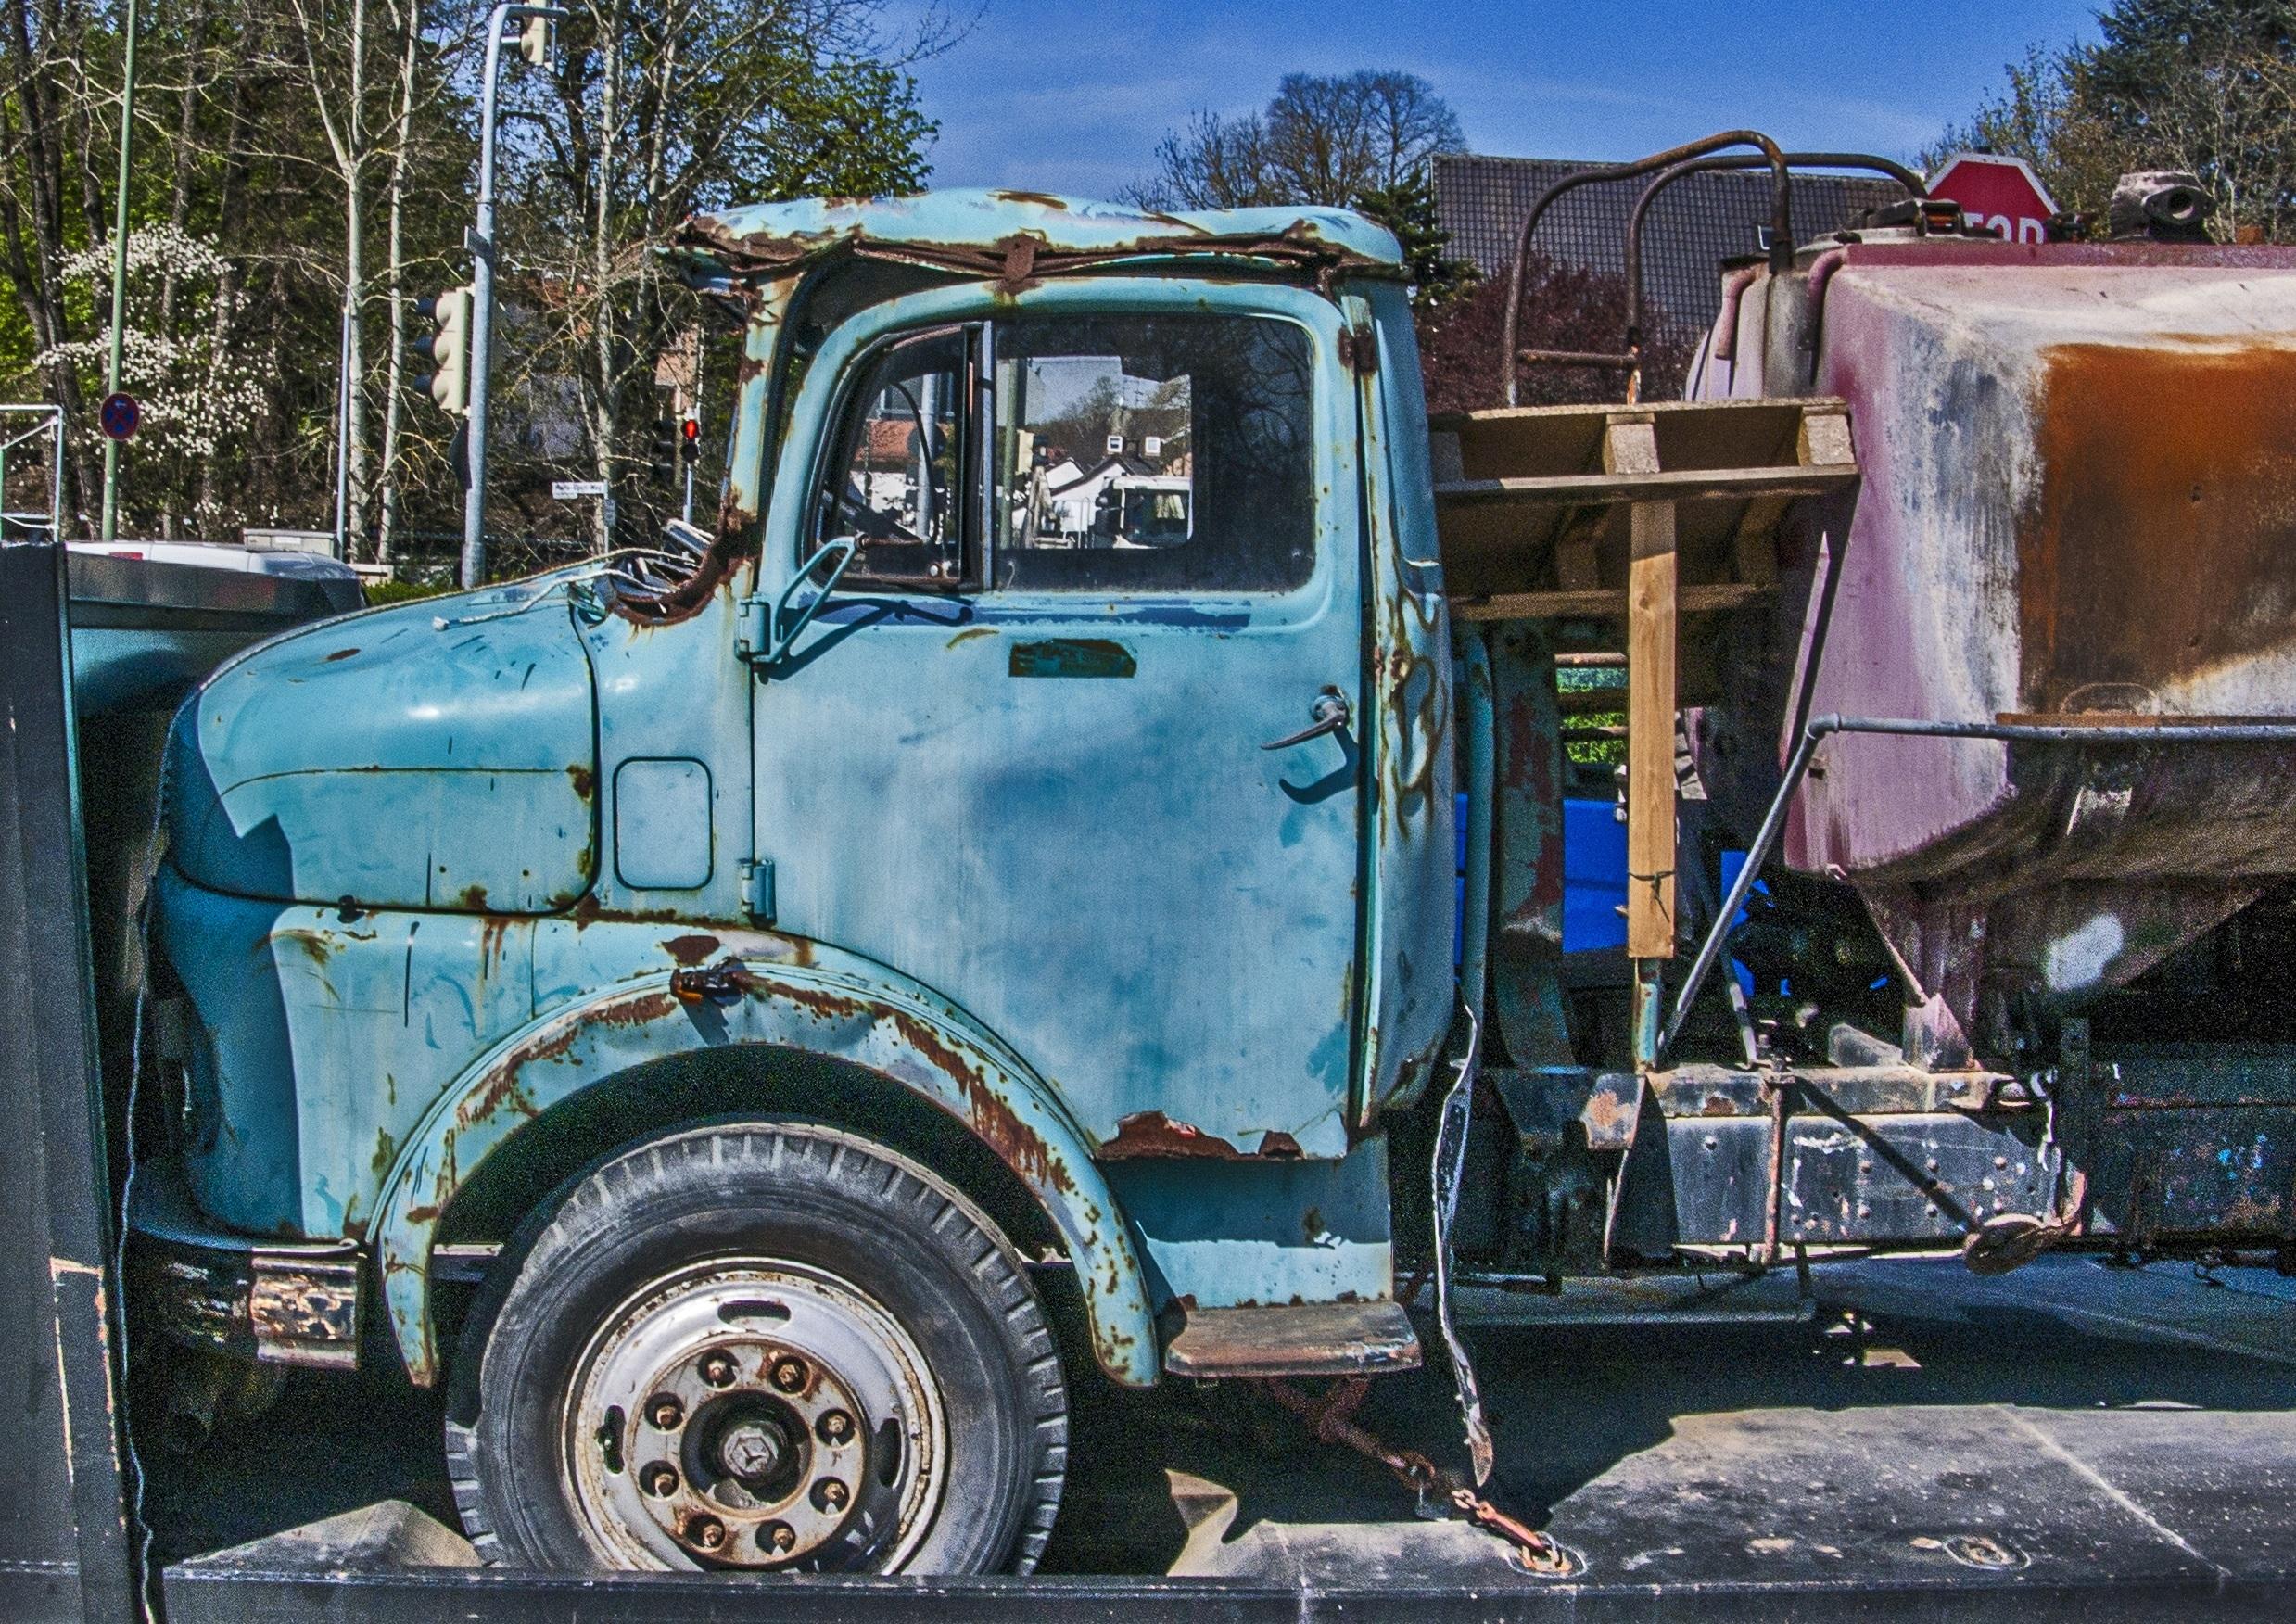 7700 Koleksi Gambar Mobil Truk Antik HD